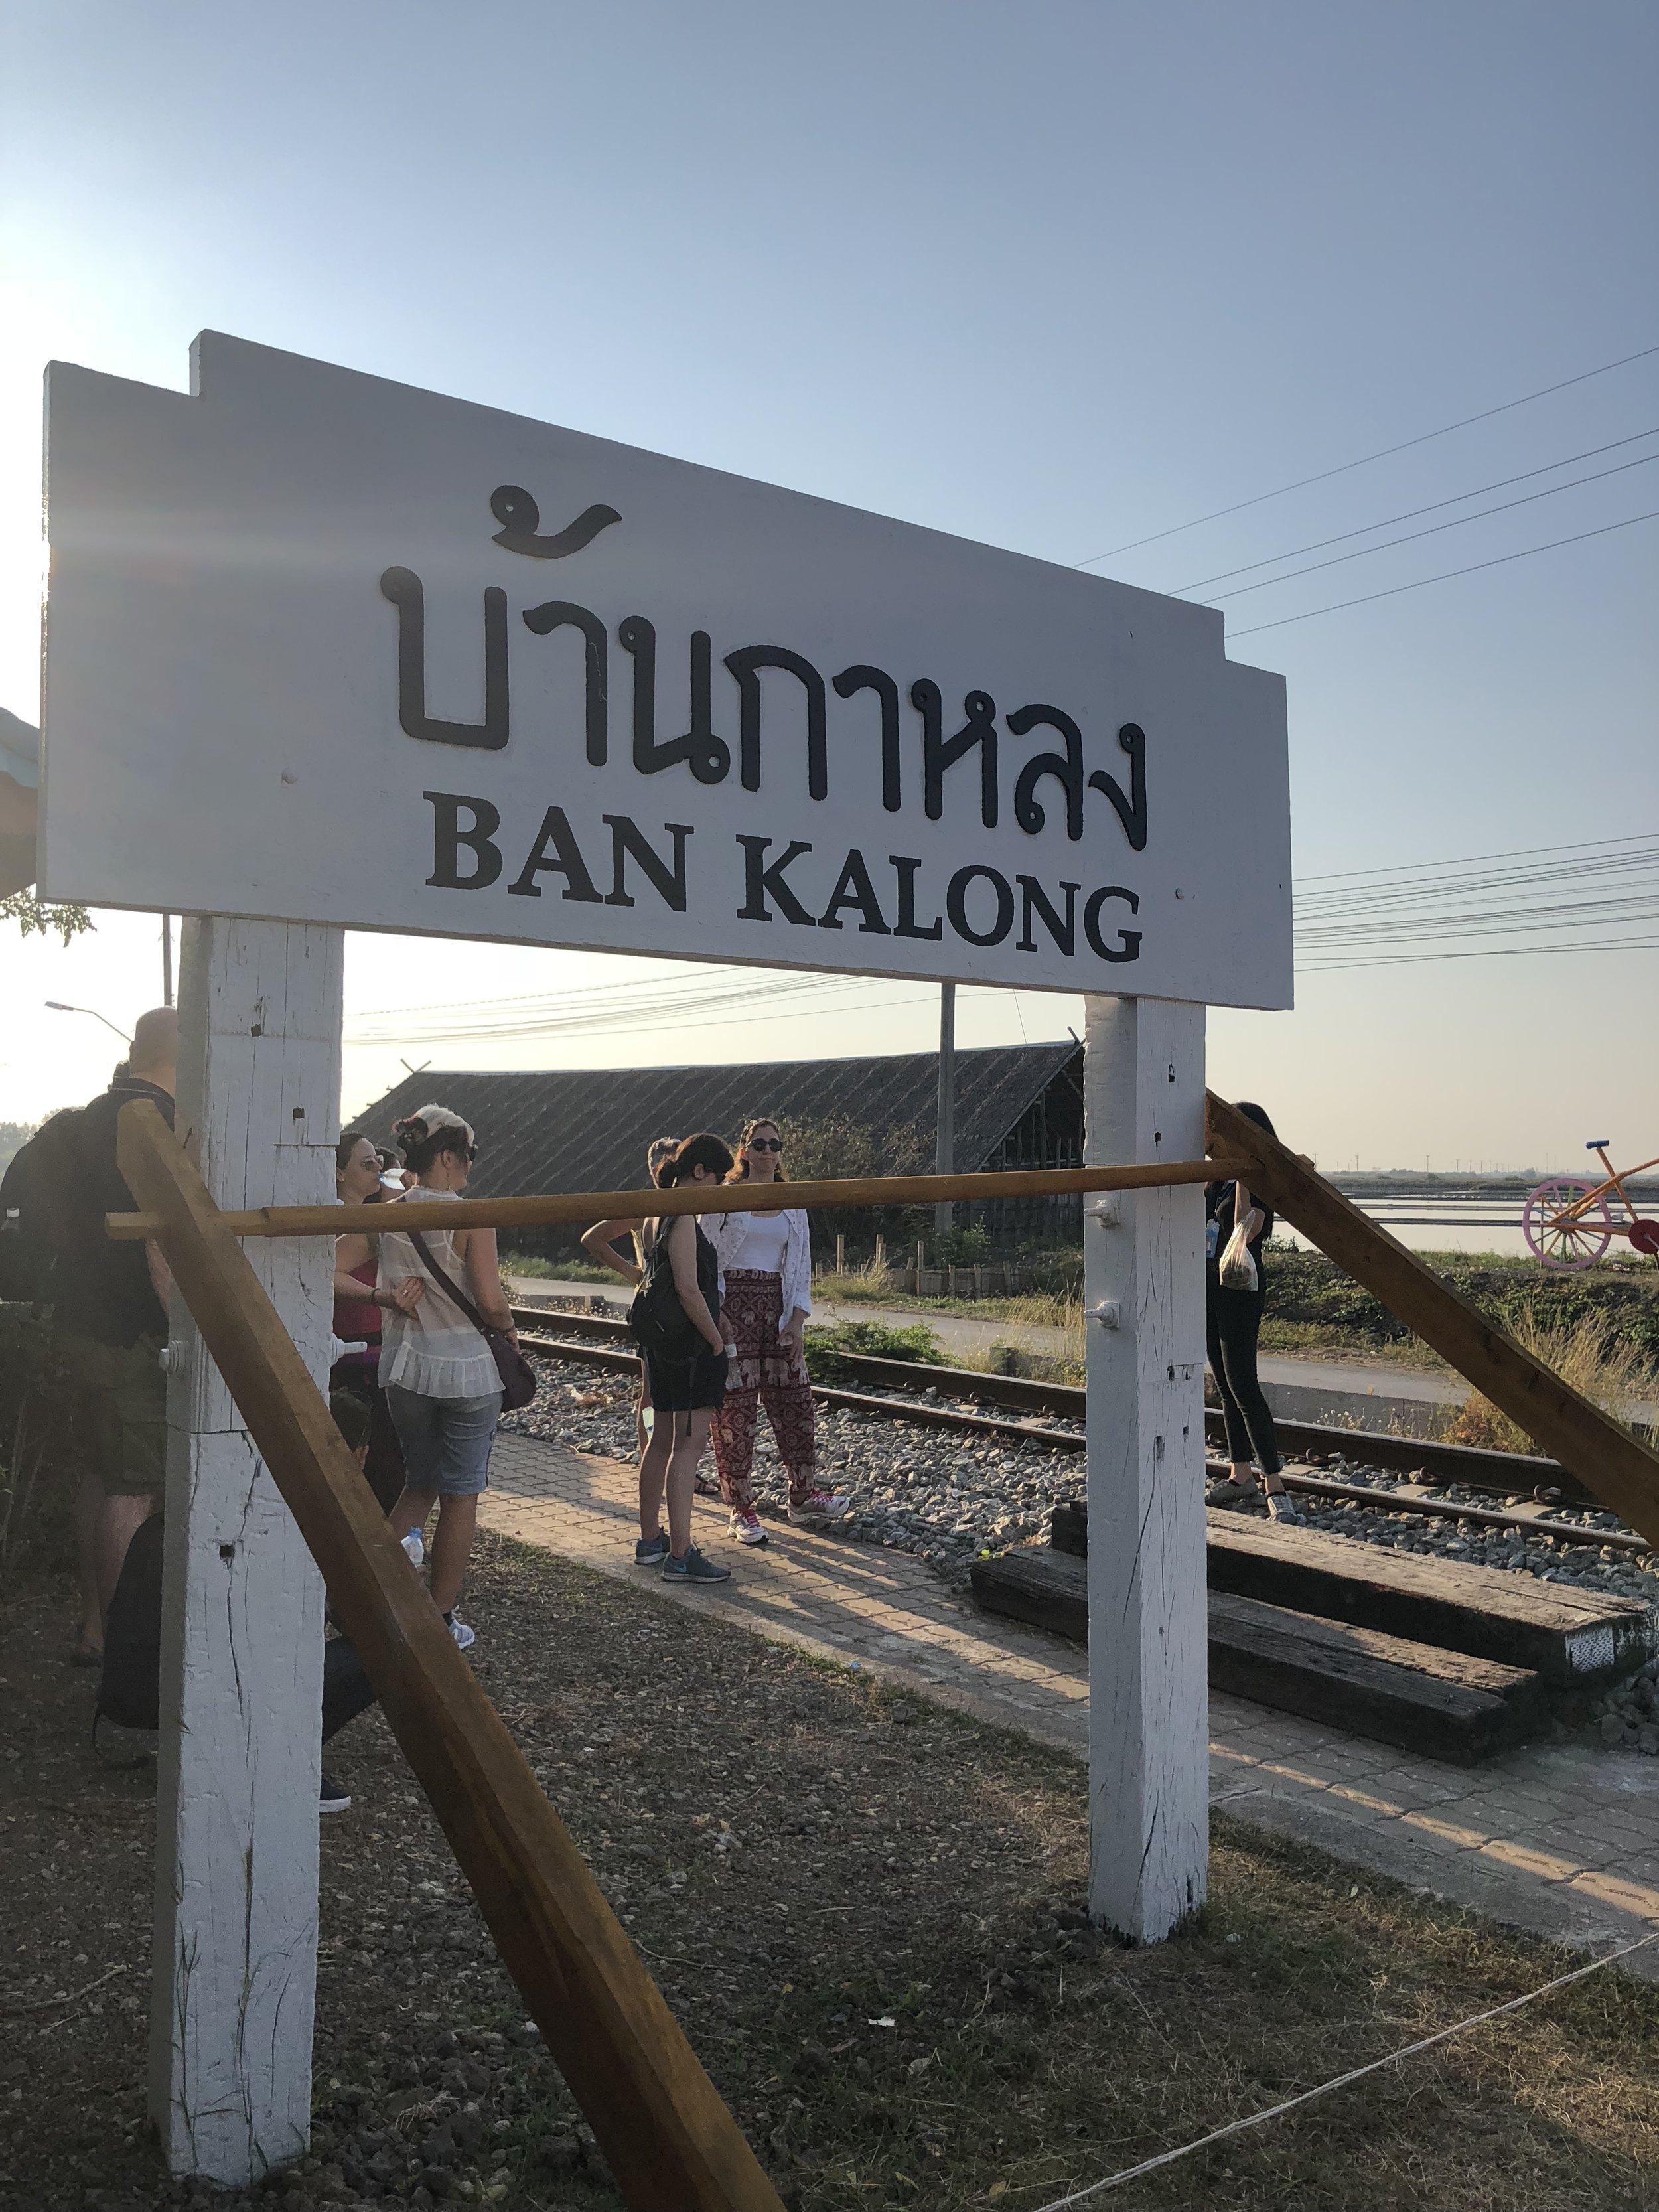 El estación de tren para llegar al mercado ferroviario.